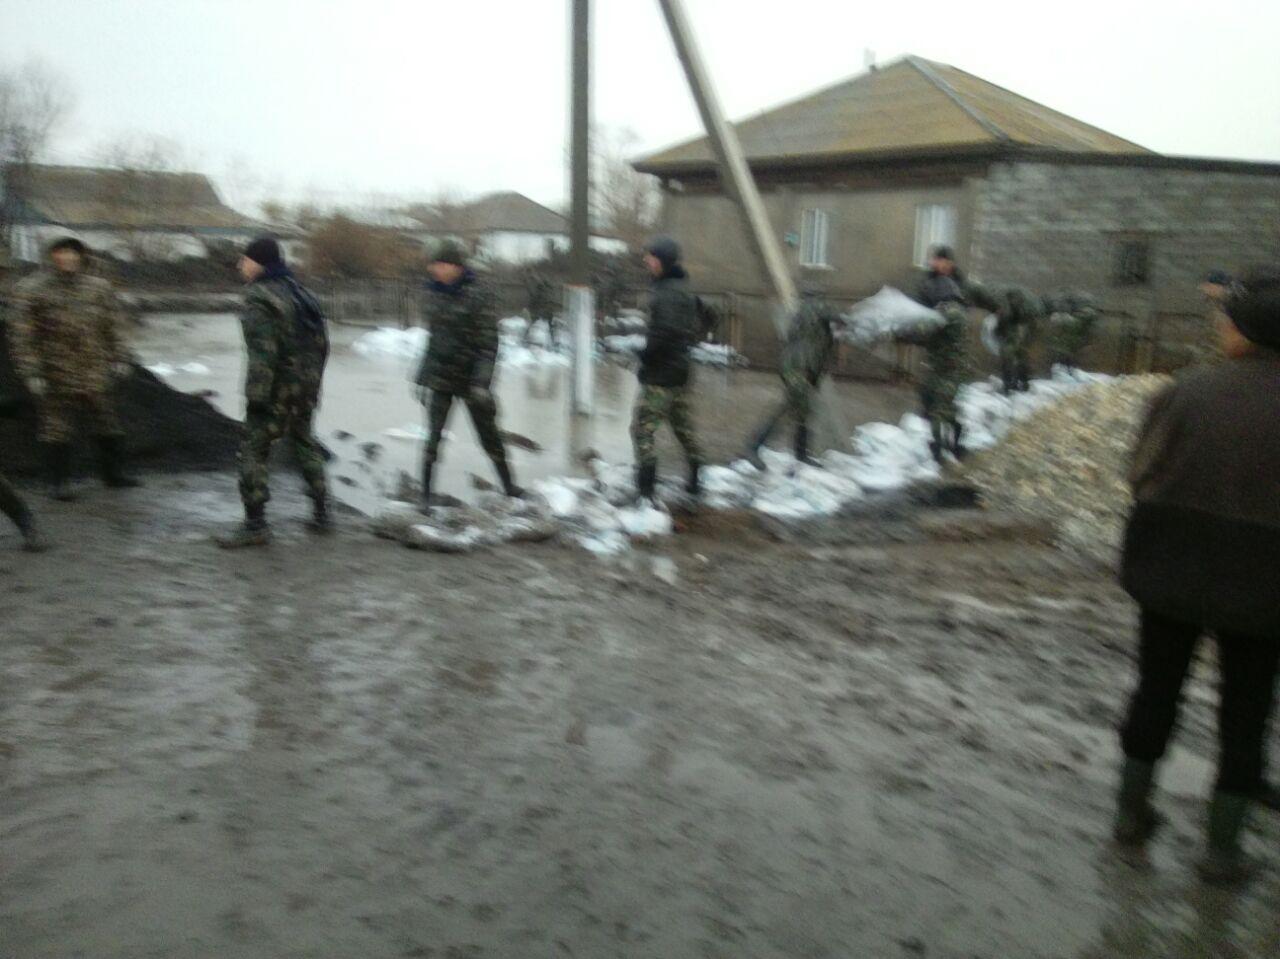 Казахстанский Атбасар подтопило из-за прорыва дамбы